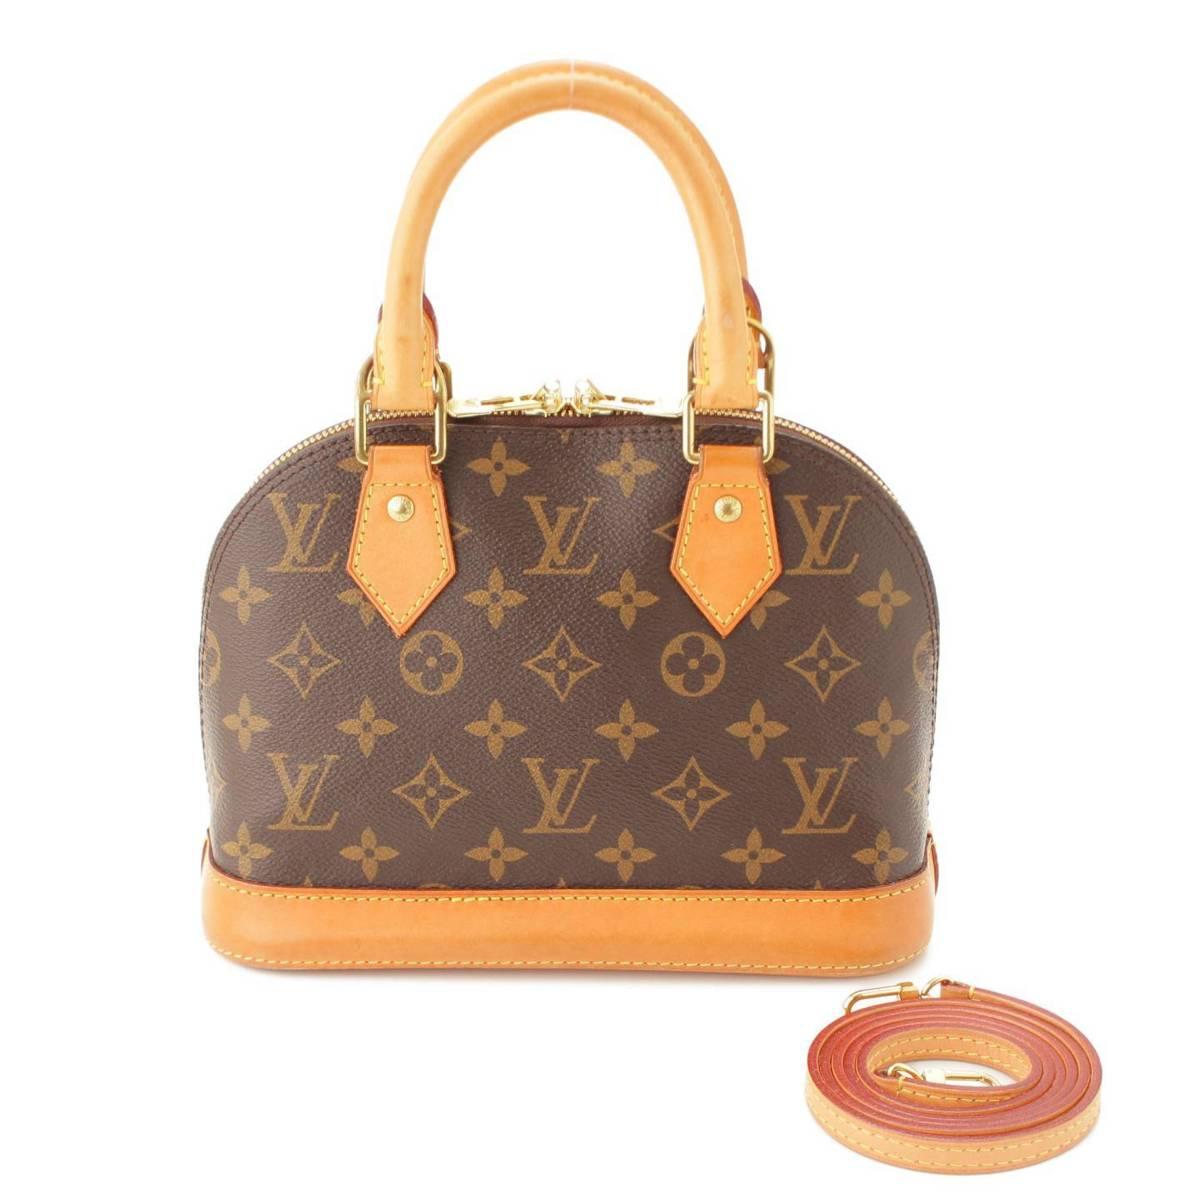 【ルイヴィトン】Louis Vuitton モノグラム アルマBB ショルダーバッグ M53152 ブラウン 【中古】【鑑定済・正規品保証】88681